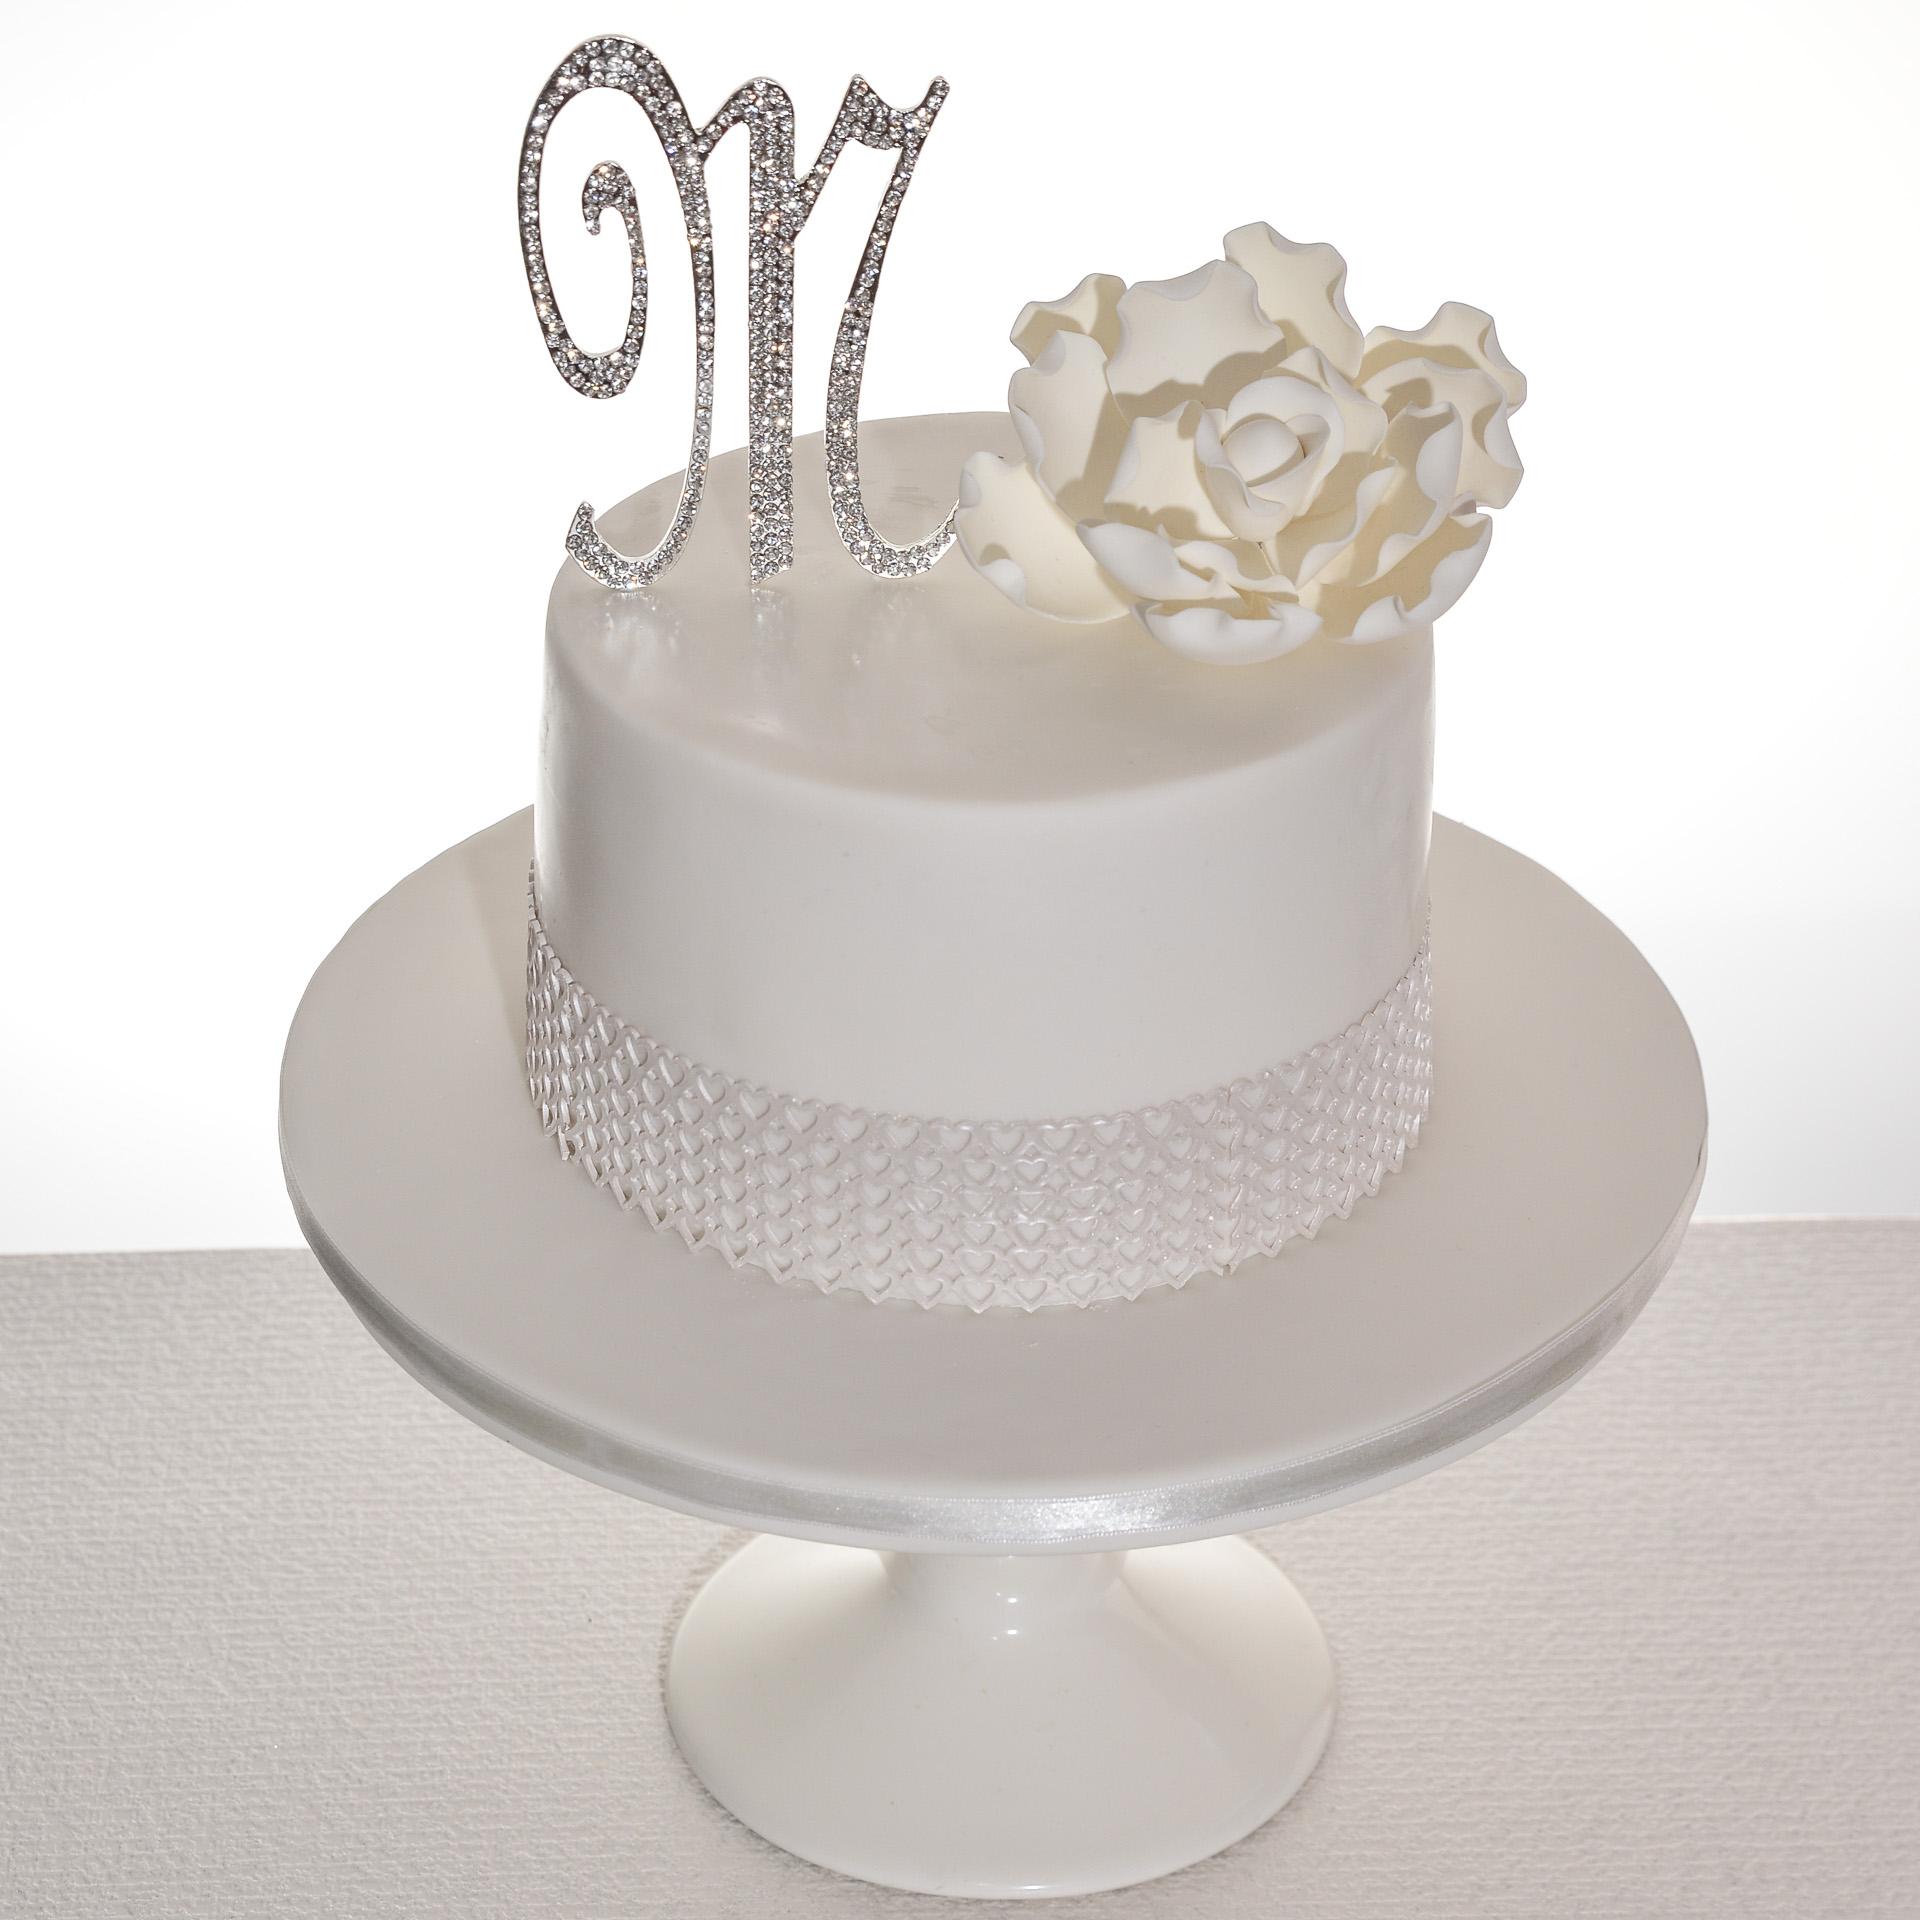 White-Lace-and-Flower-Bling-Topper-Wedding-Cake.jpg